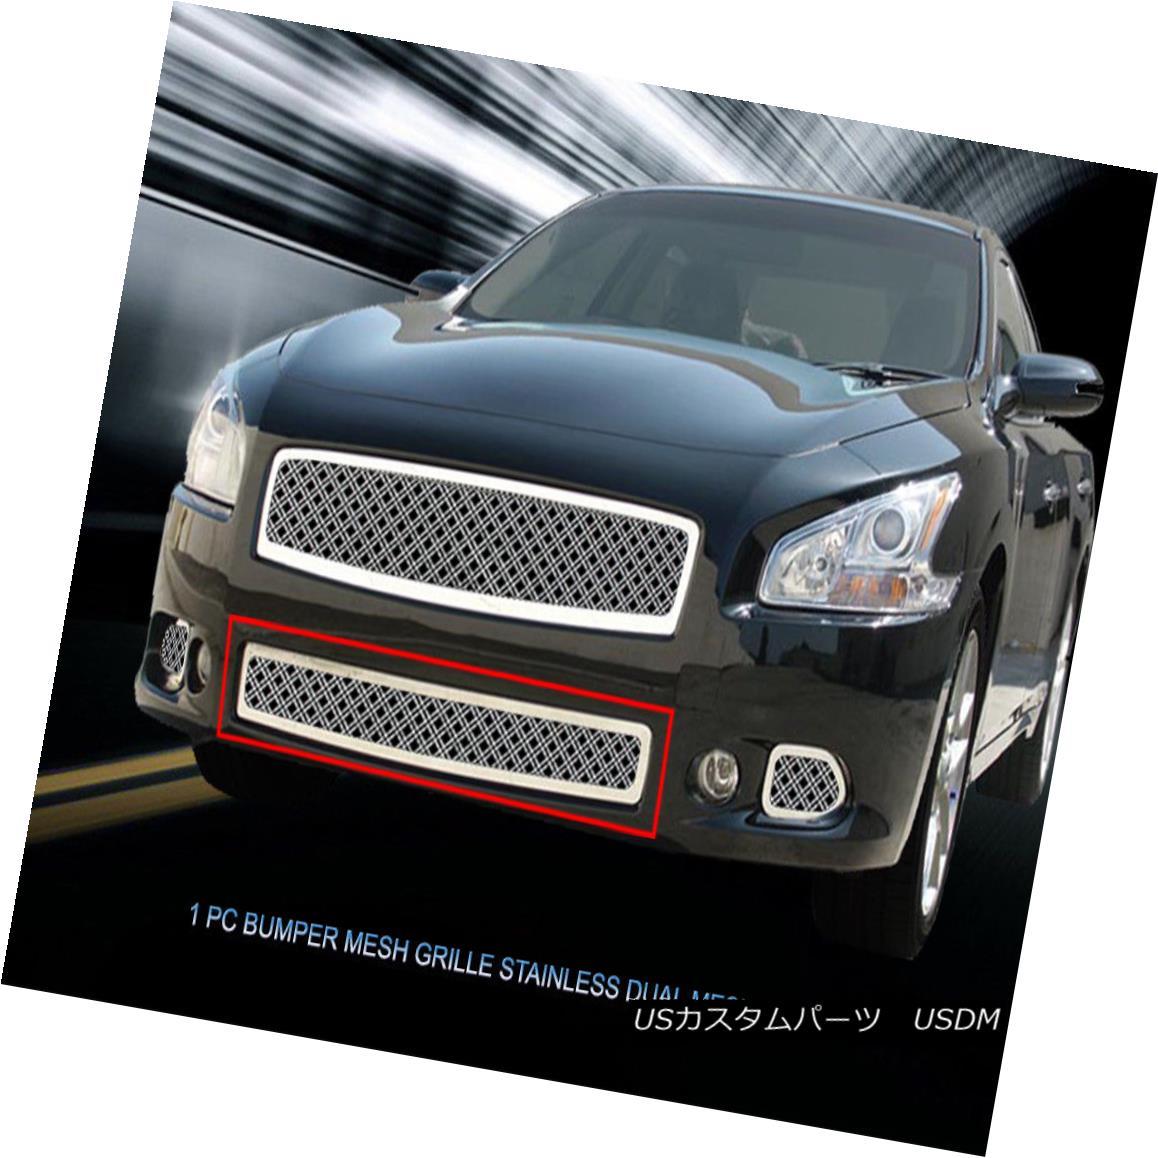 グリル Fedar Fits 2009-2014 Nissan Maxima Full Polished Dual Weave Mesh Grille Insert Fedar Fitting 2009-2014 Nissan Maximaフルポリッシュデュアルウィーブメッシュグリルインサート